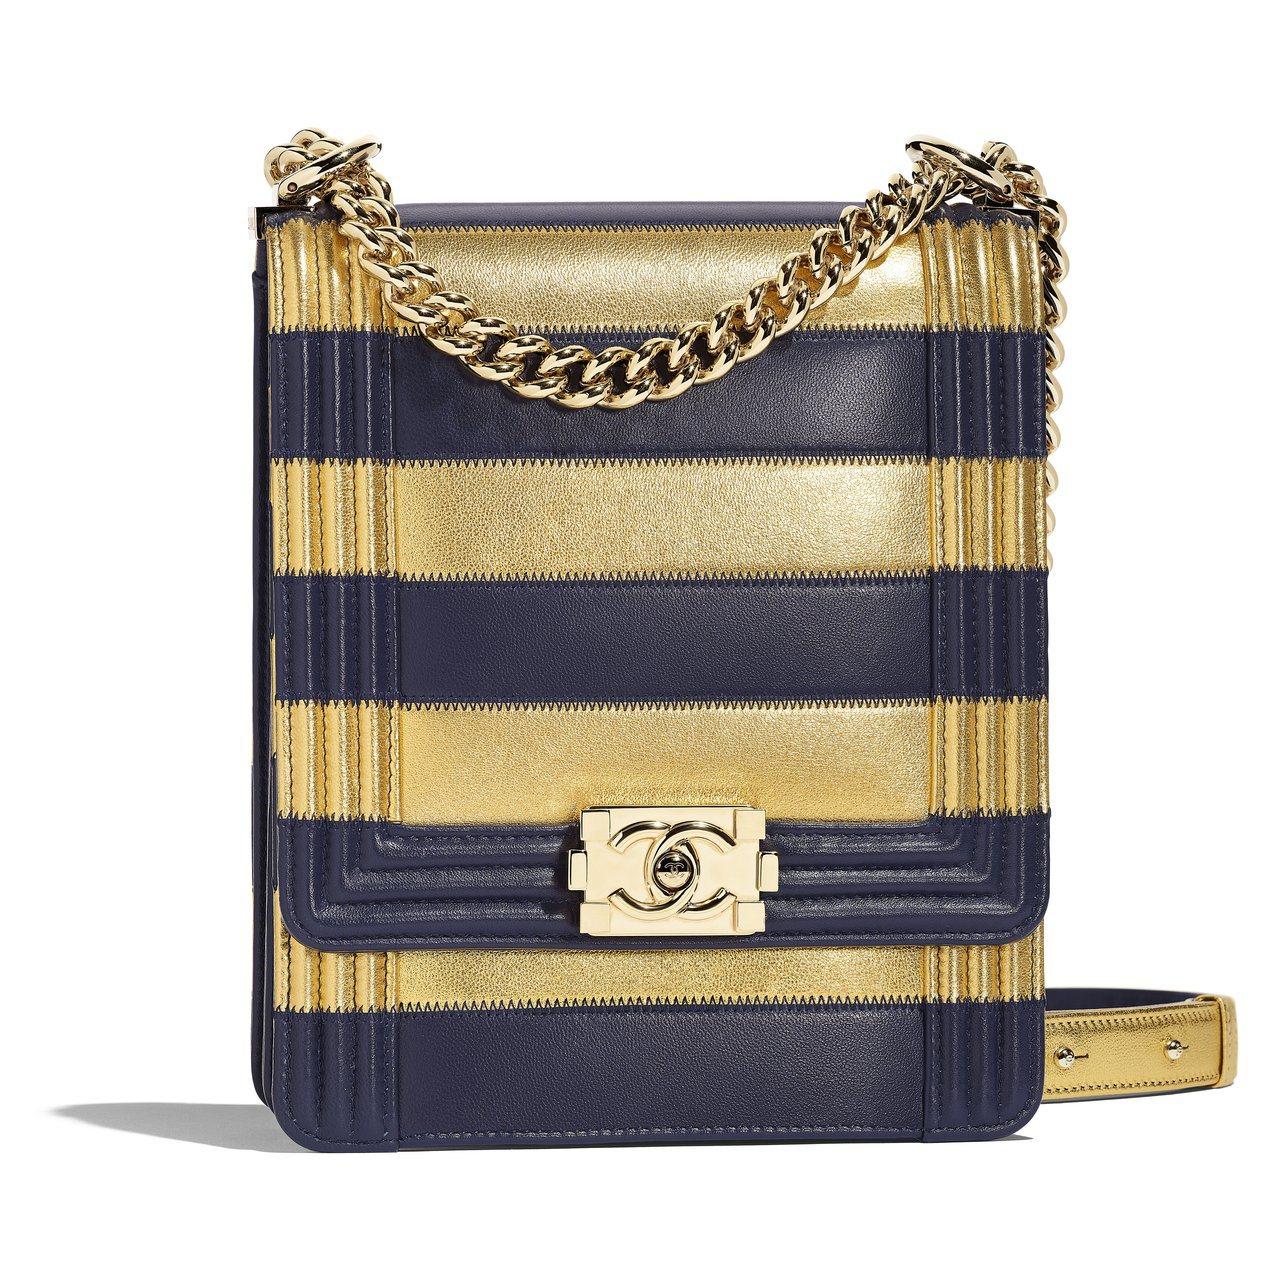 金色海軍藍條紋長型BOY CHANEL包,17萬5,700元。圖/香奈兒提供